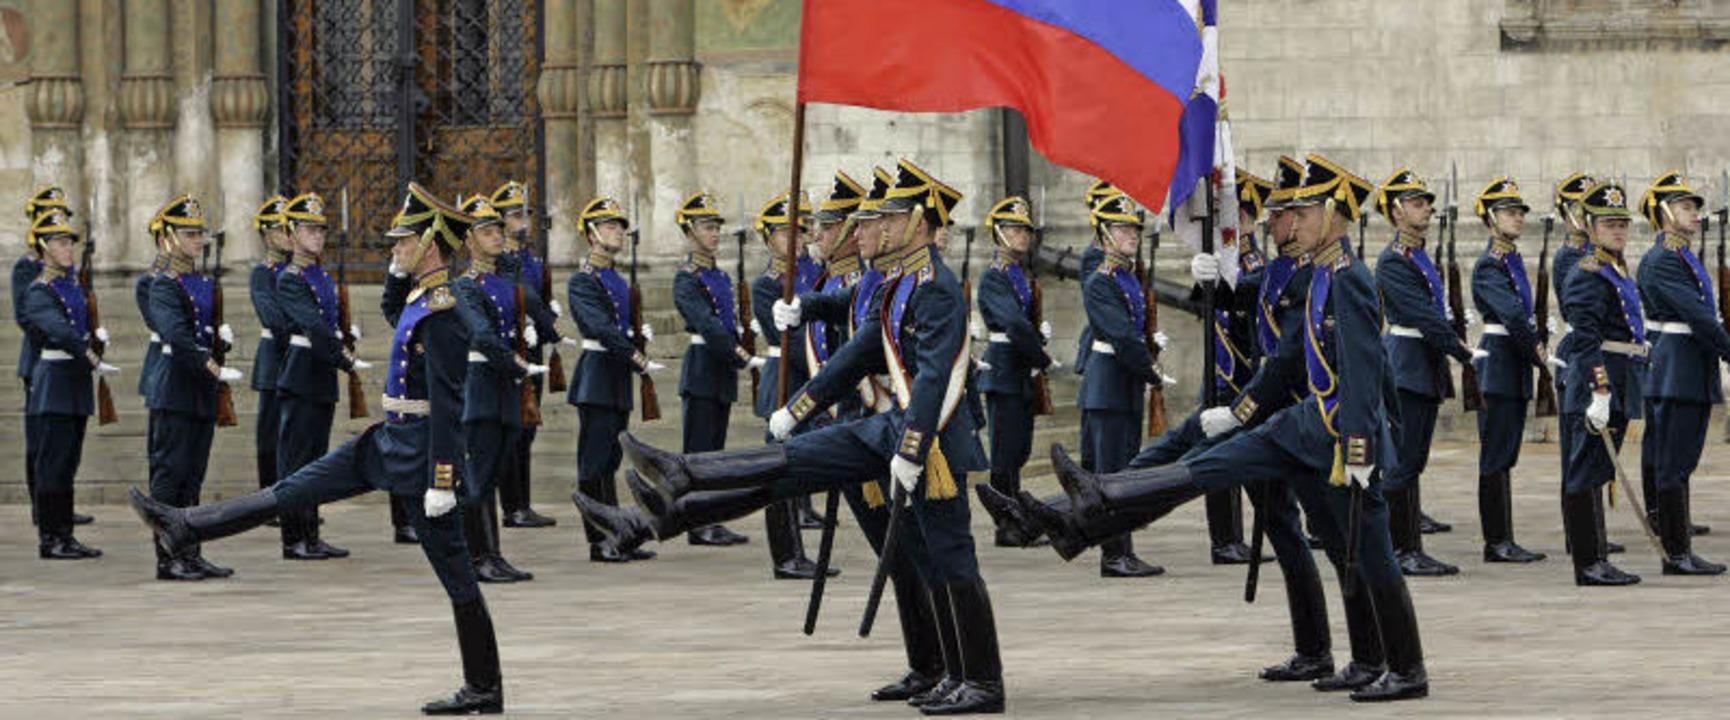 Eine russische Ehrenformation marschie...n Russlands stolze Vergangenheit auf.   | Foto: dpa